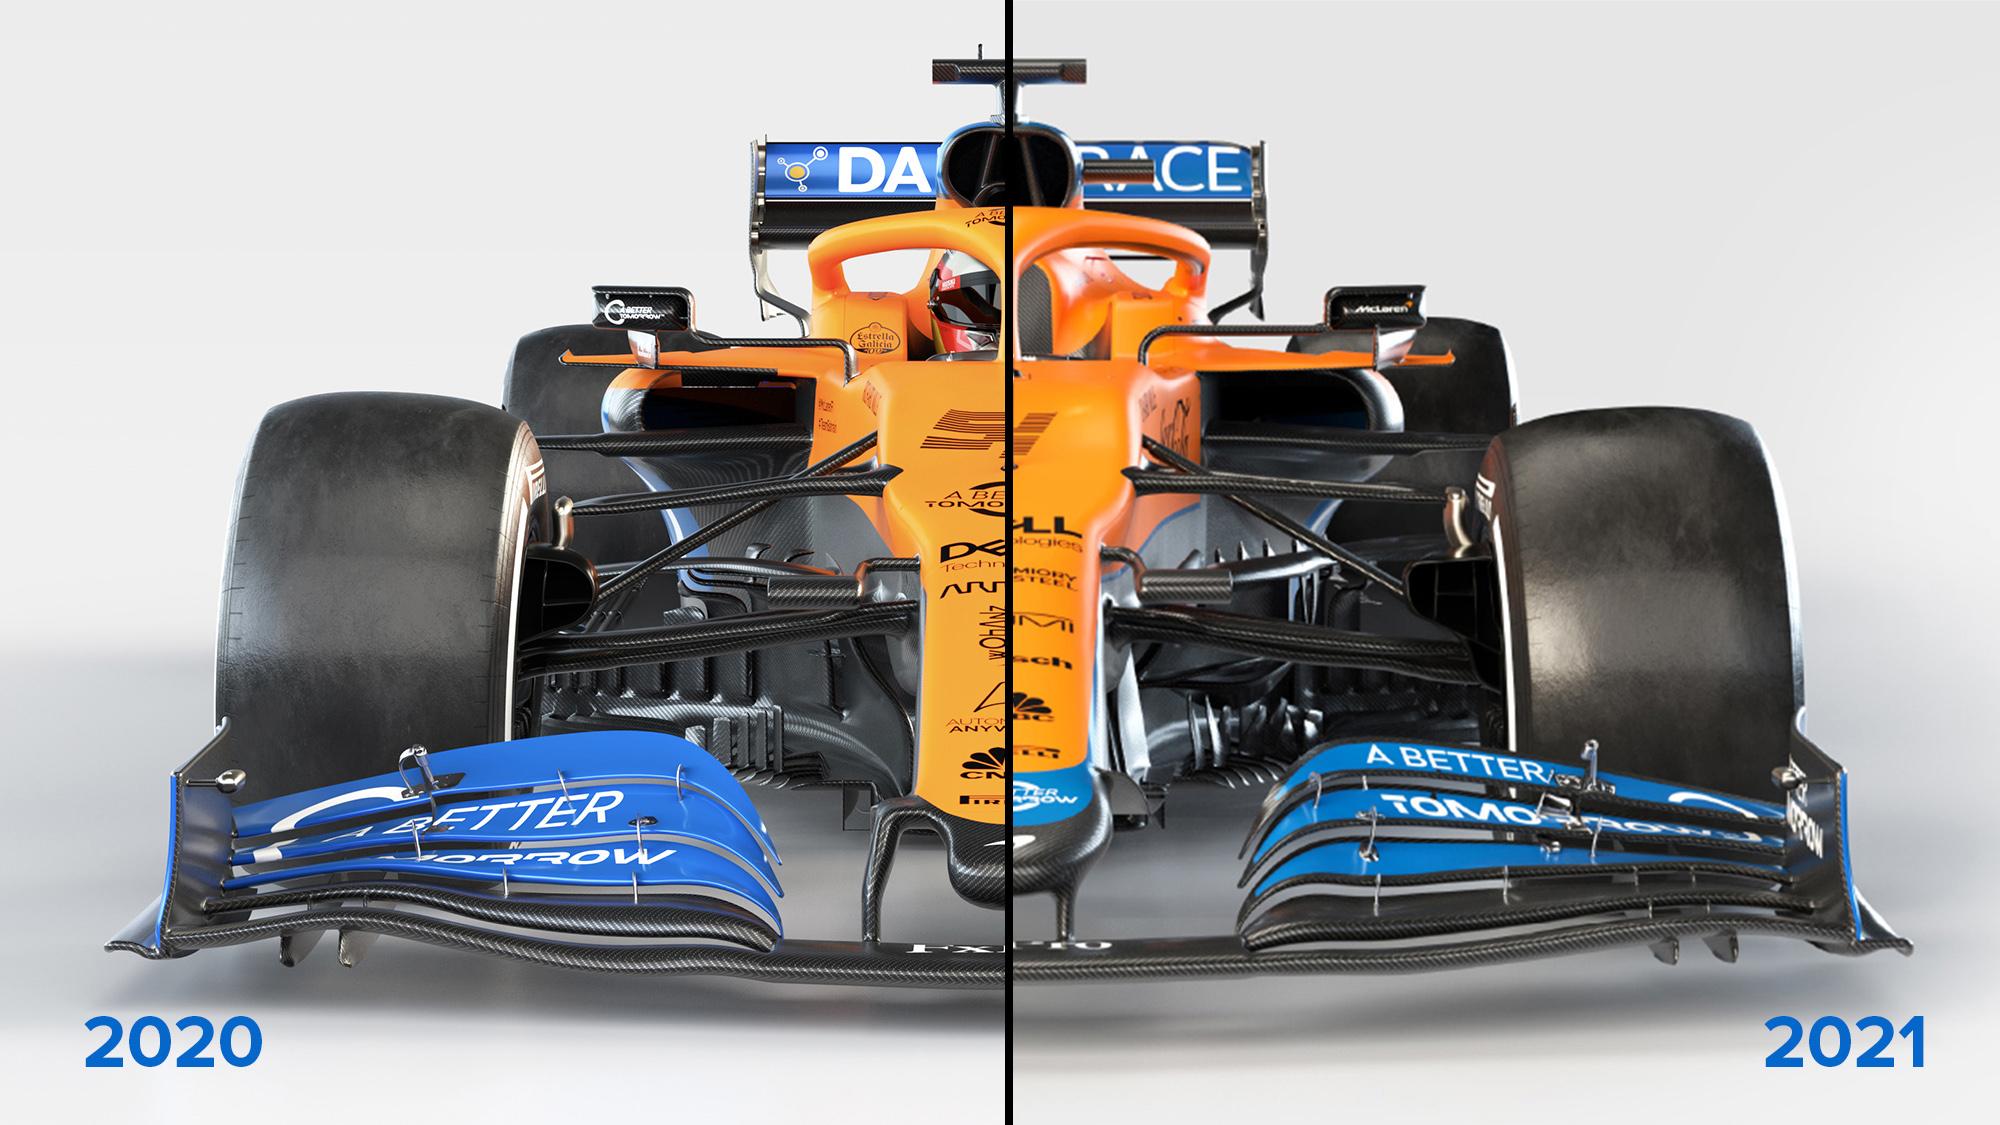 McLaren 2020 2021 front comparison